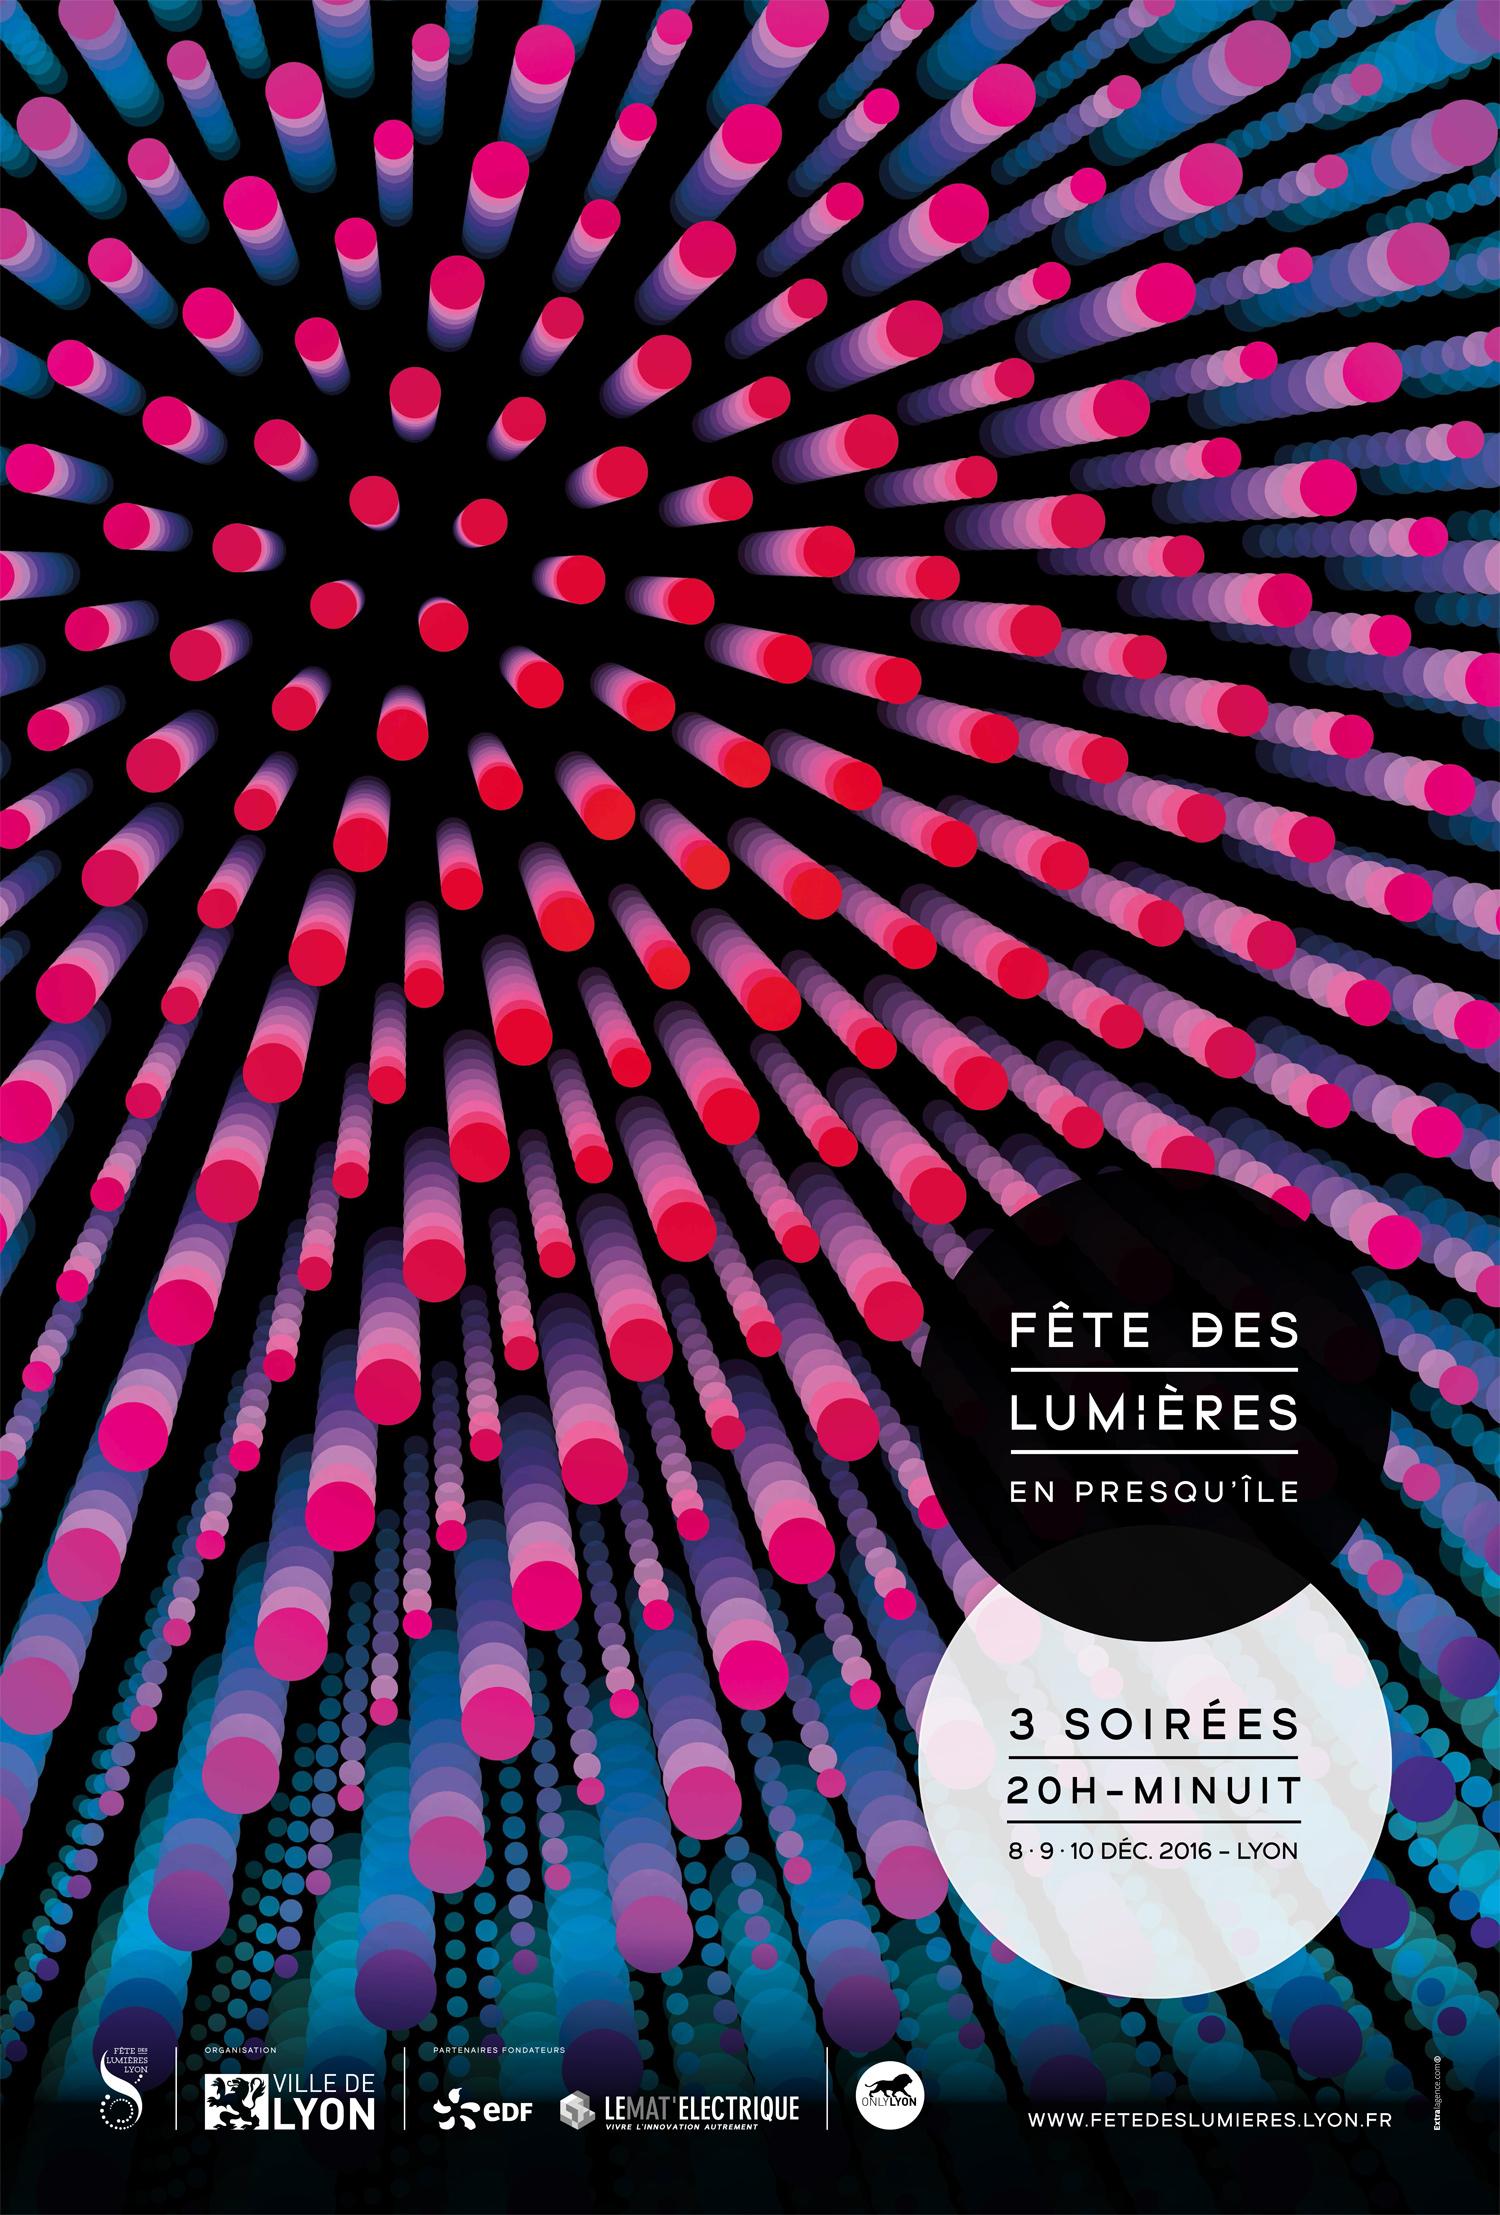 L'emblématique Fête des Lumières à Lyon aura lieu du 8 au 10 décembre 2016